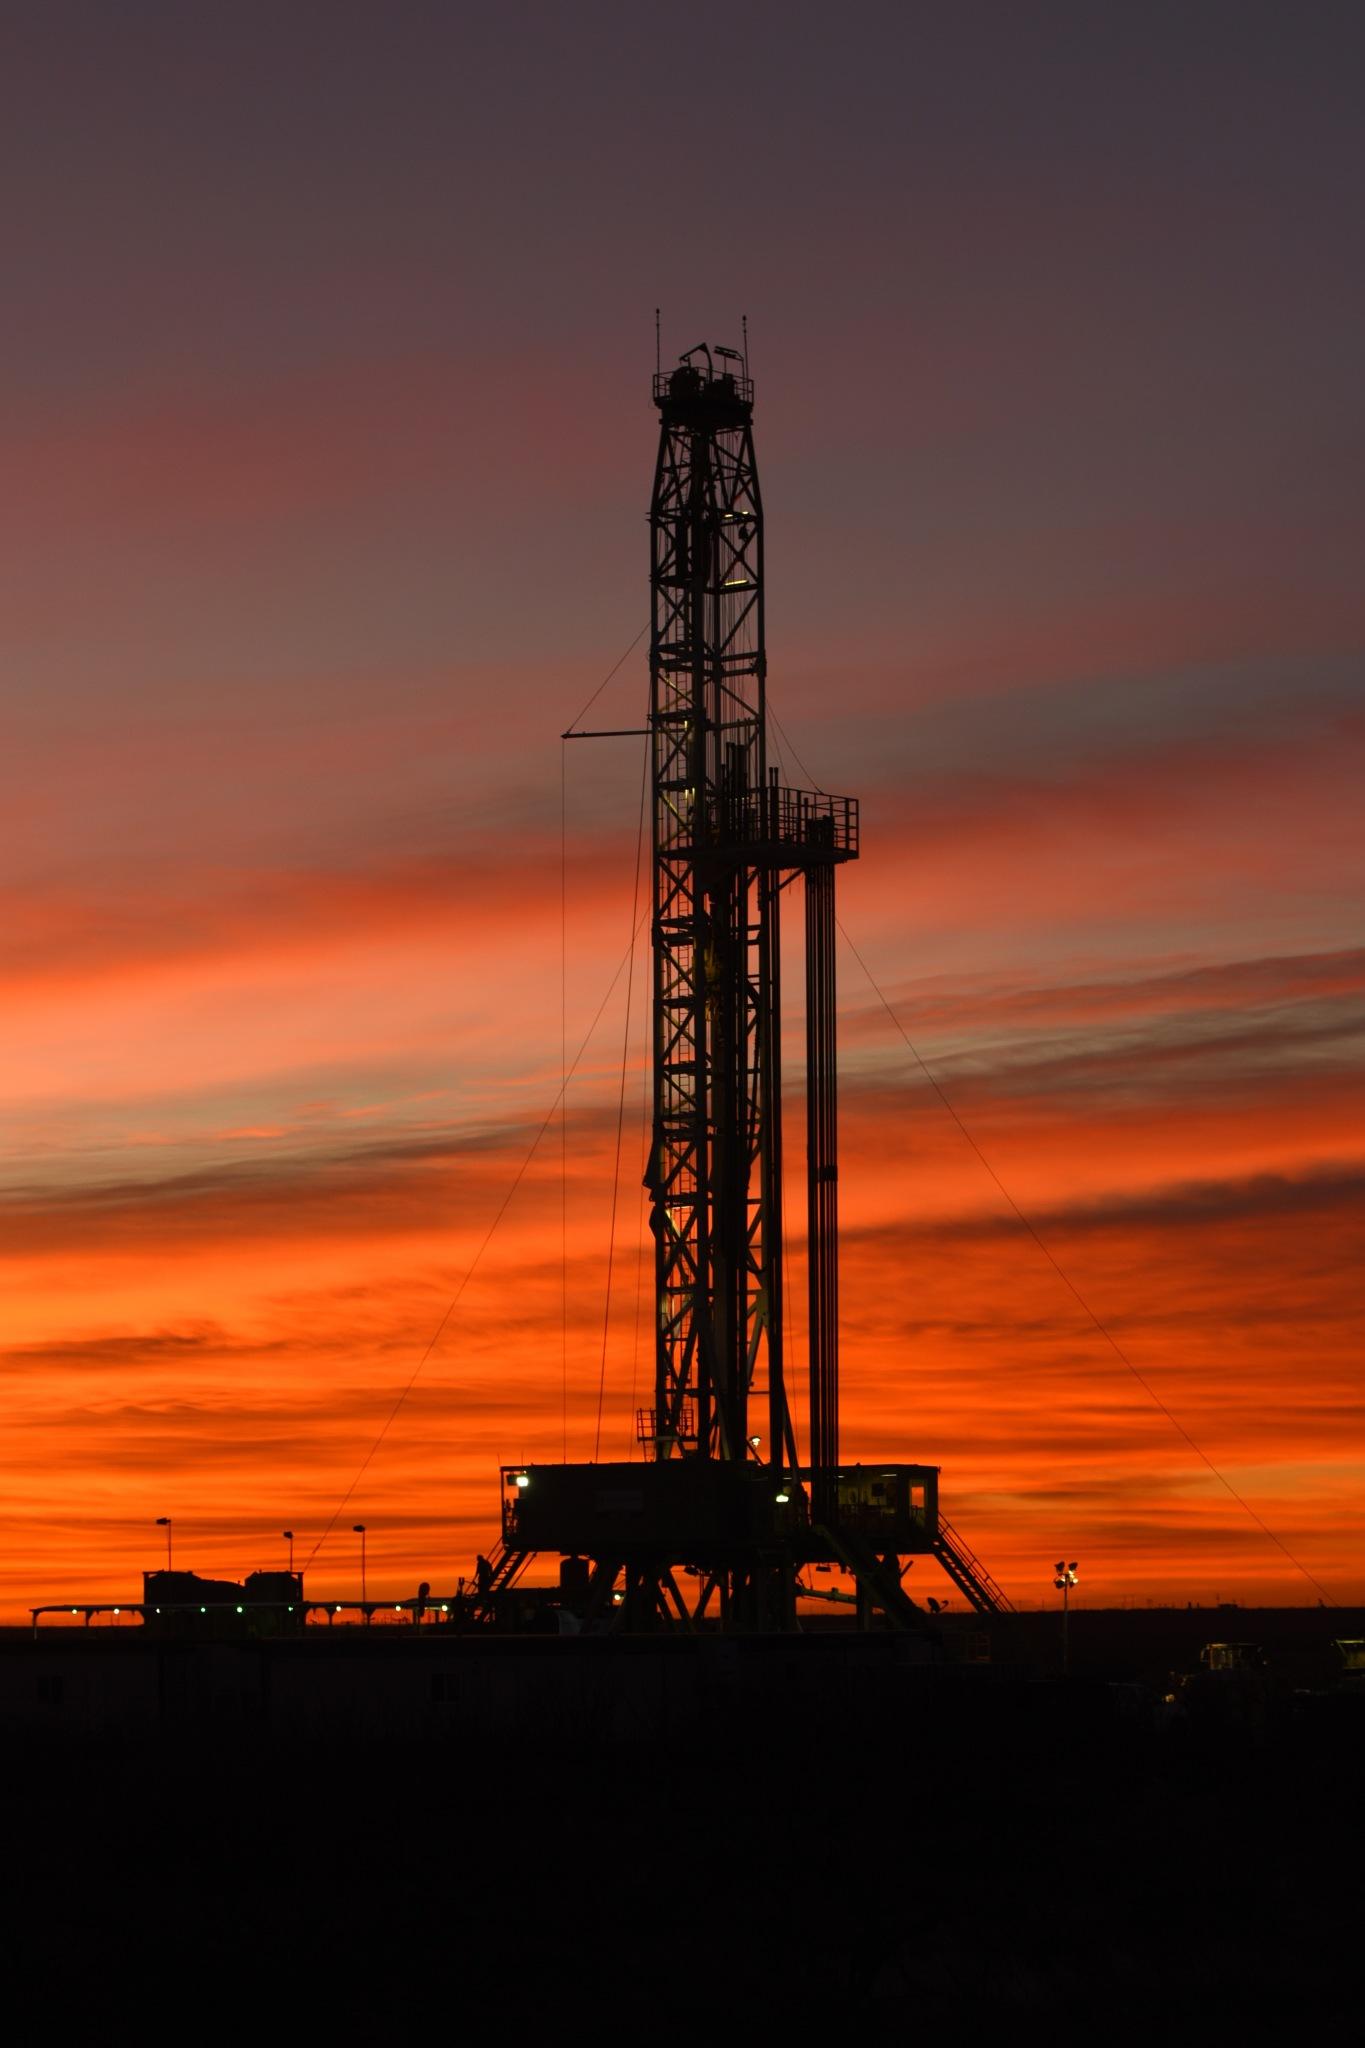 Sunrise West Texas Oilfiled by jphall